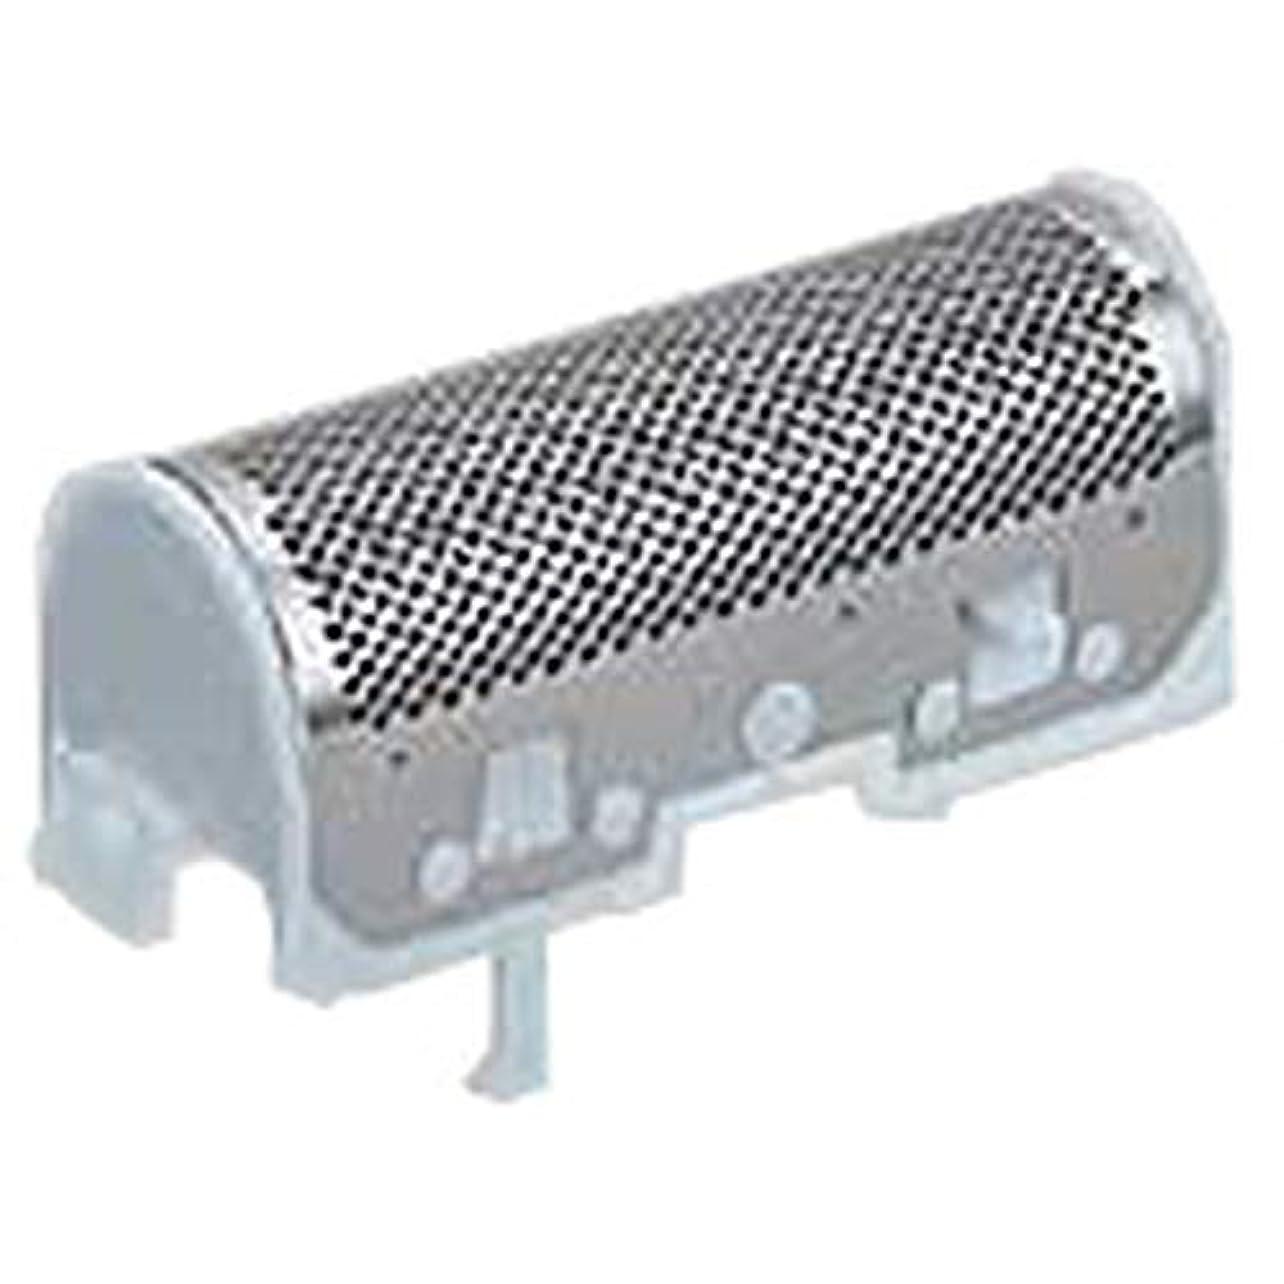 犬アカデミーゴージャスパナソニック 替刃 レディスシェーバー用 外刃 ES9779